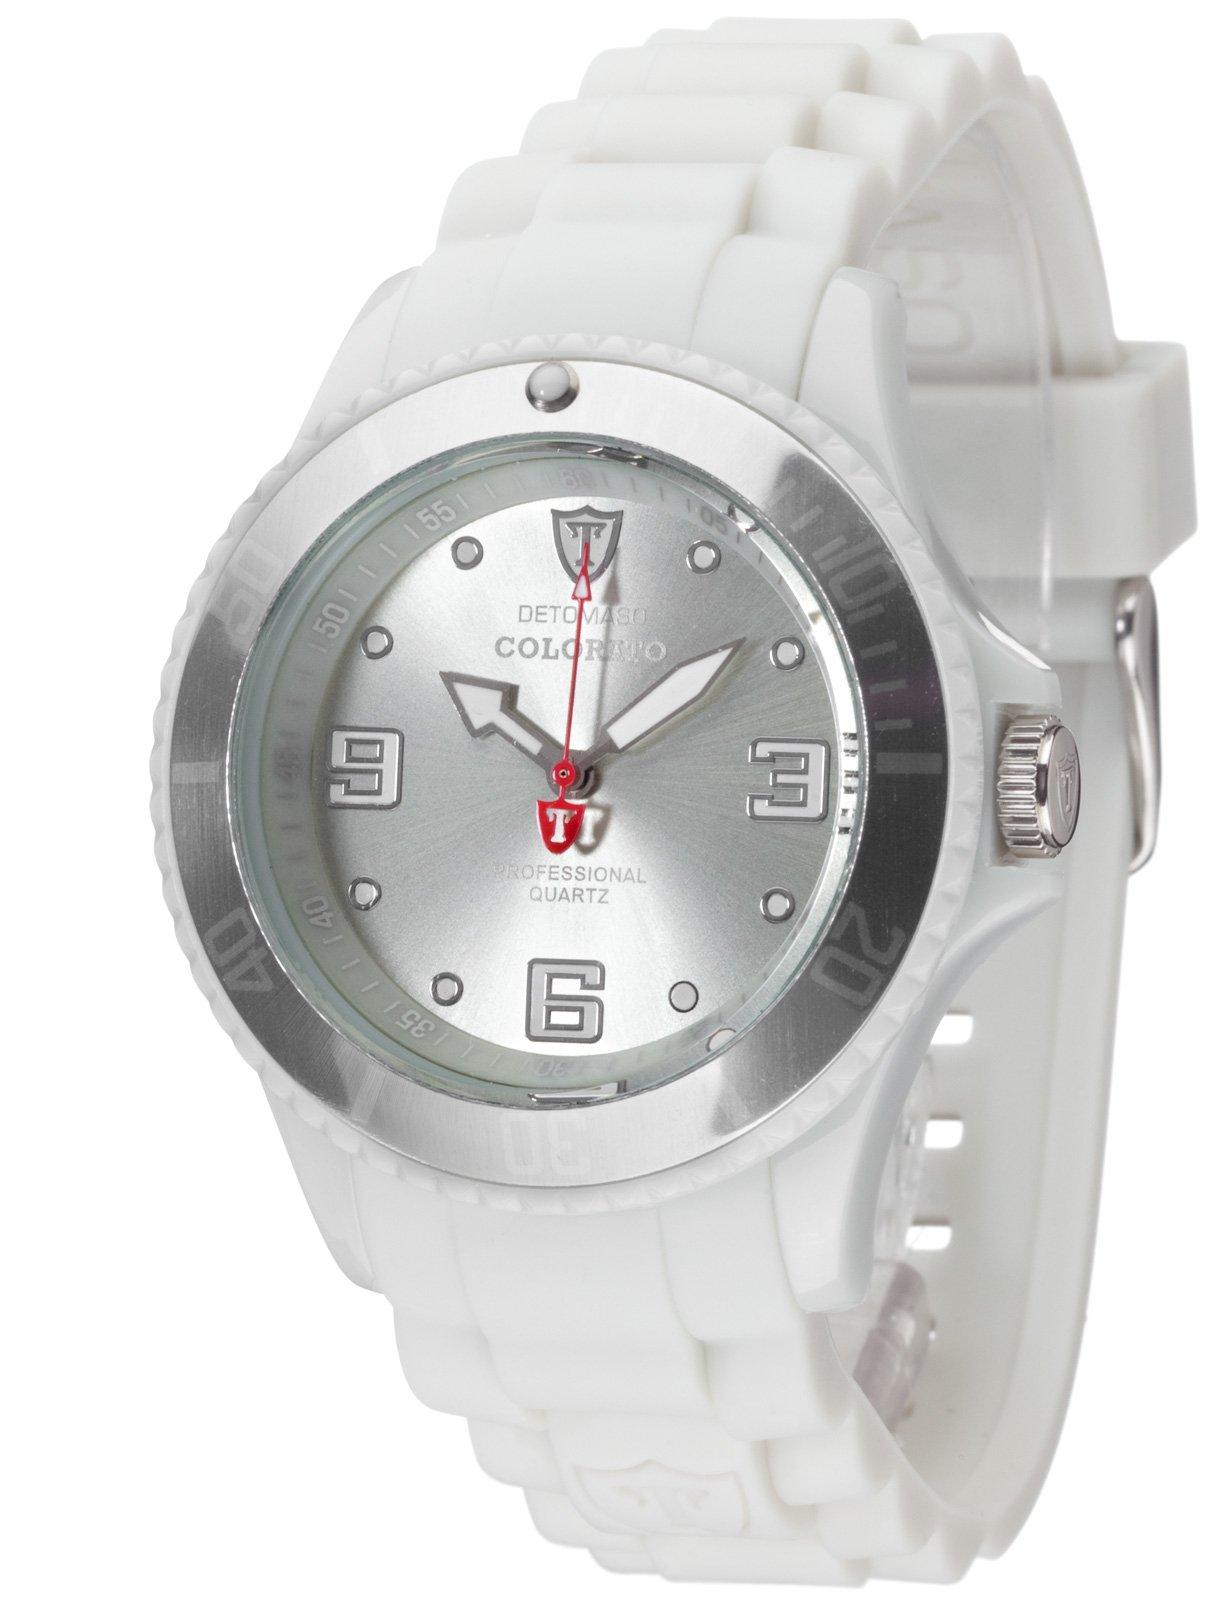 Detomaso DT3007-W – Reloj analógico de Cuarzo para Mujer, Correa de Silicona Color Gris (Agujas luminiscentes, Cifras luminiscentes)